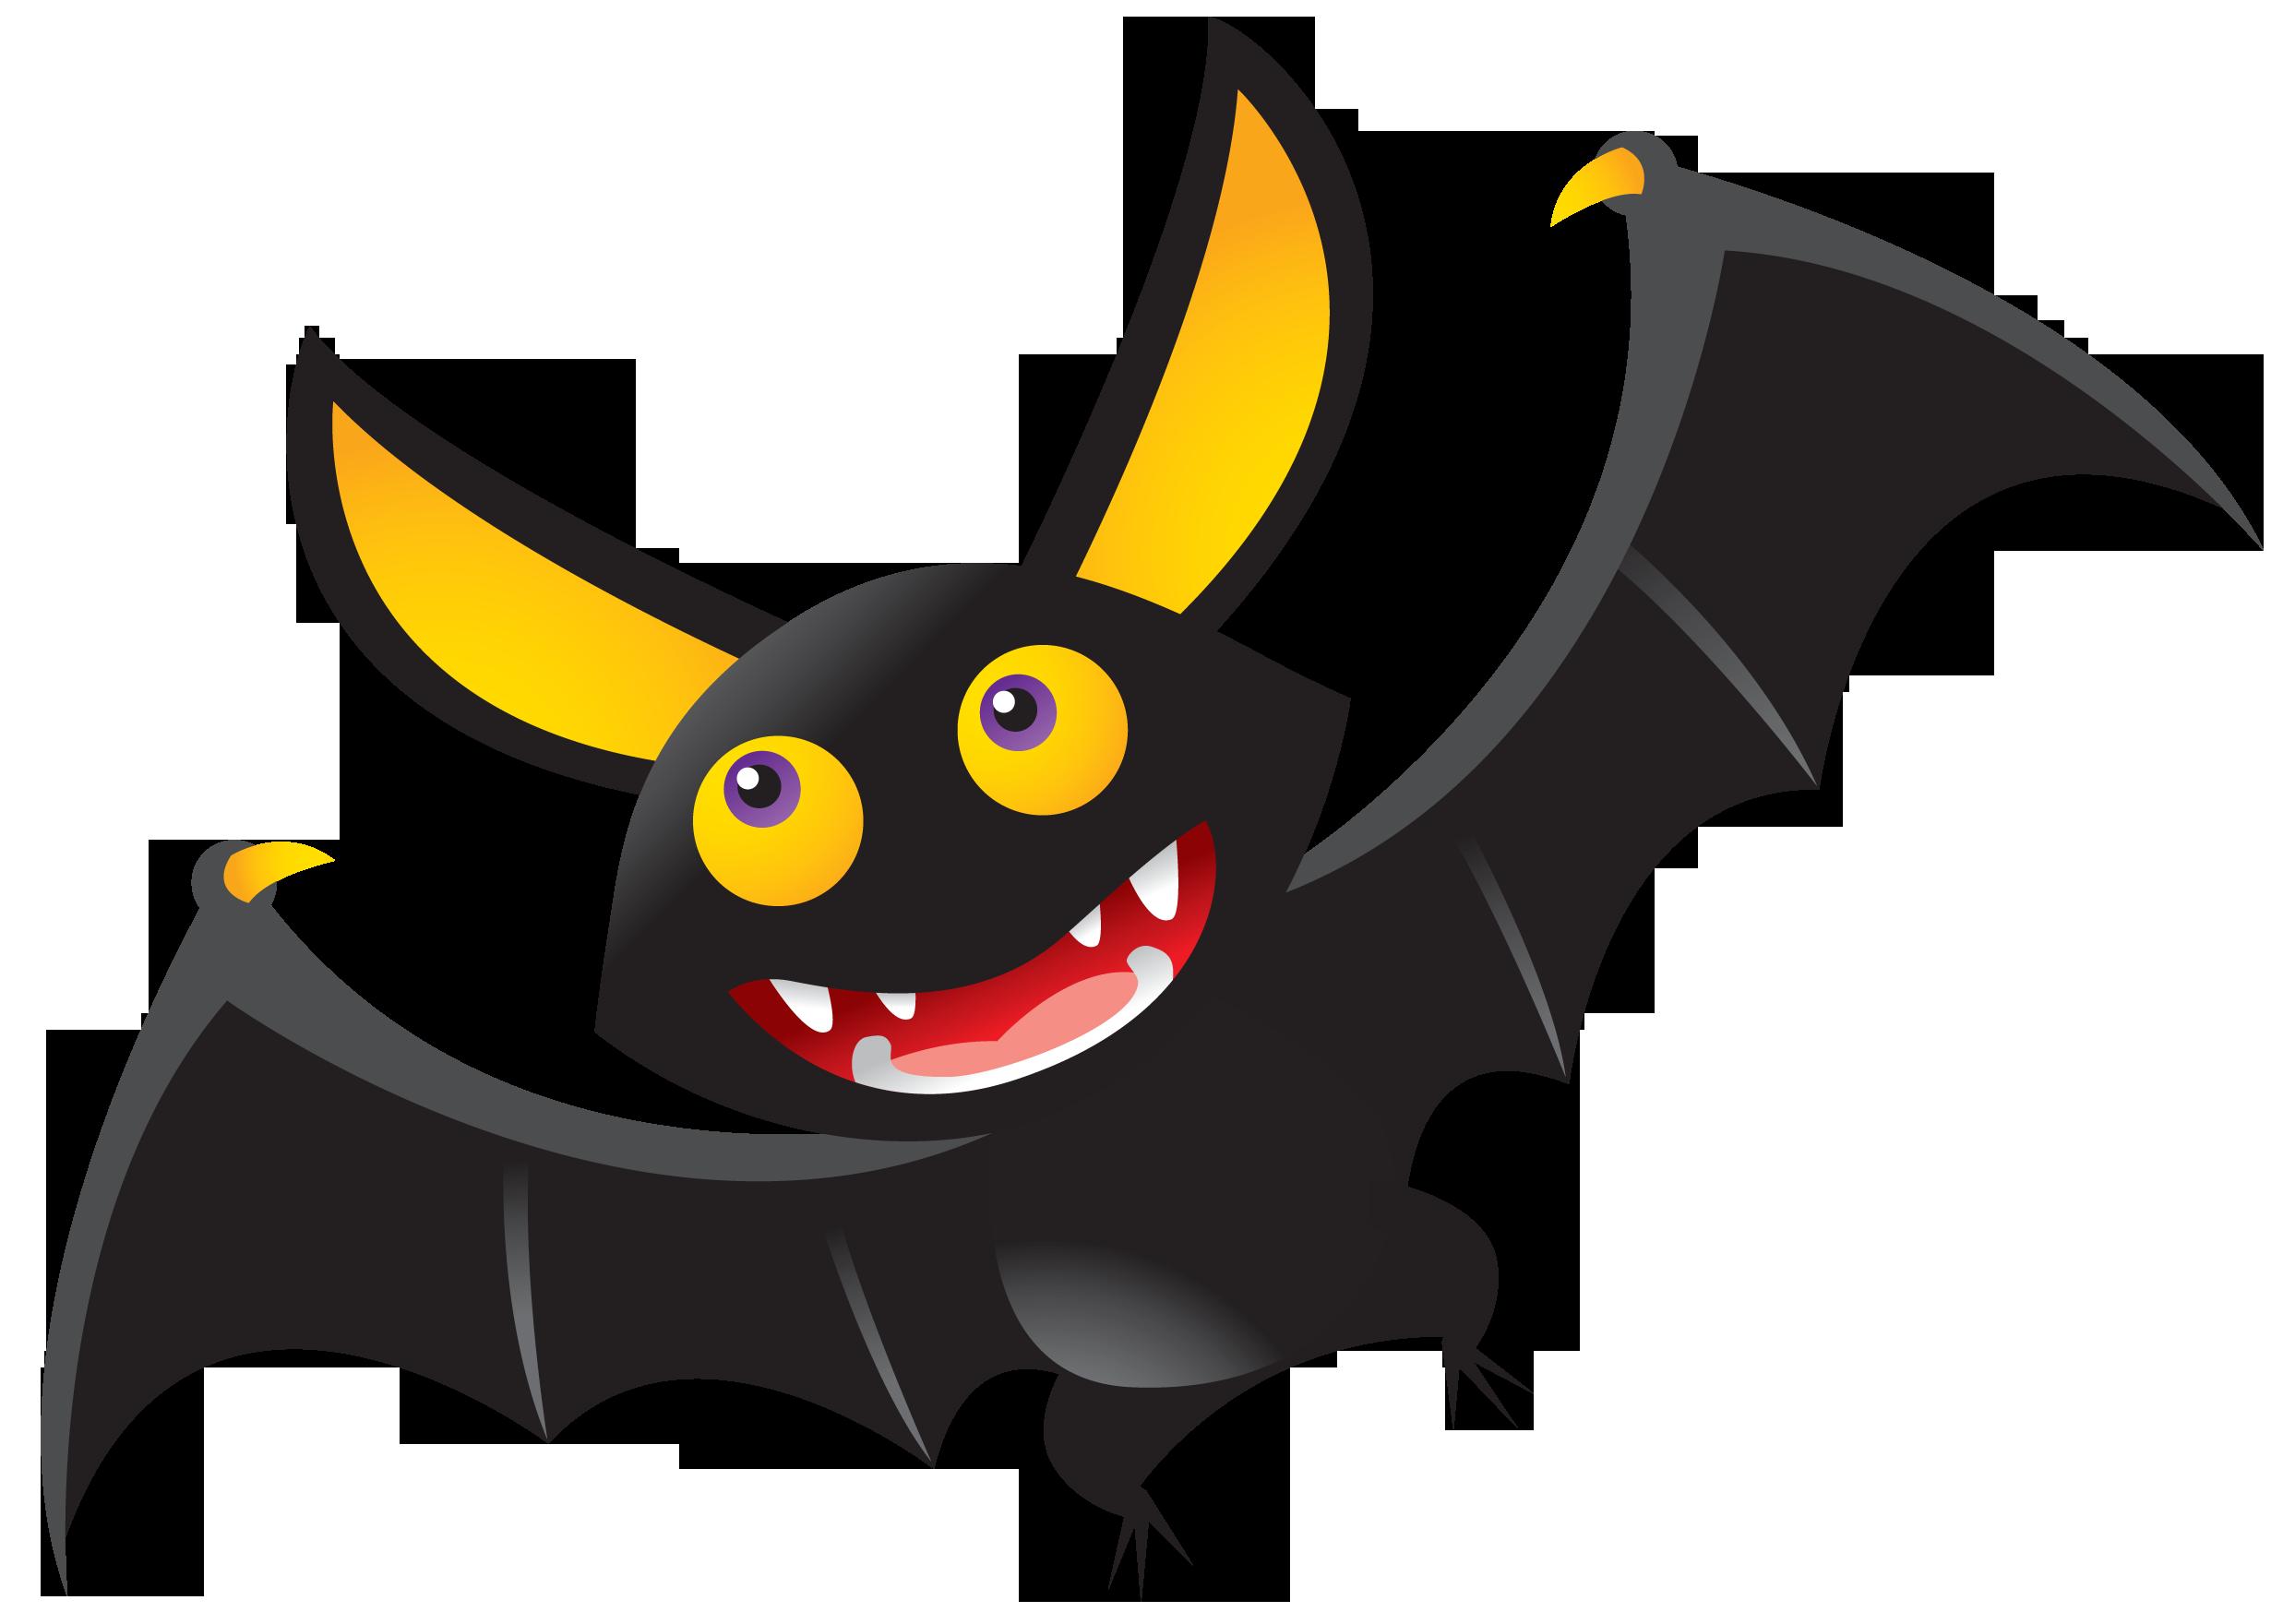 9 2 halloween bat png hd - Halloween Bat Pics